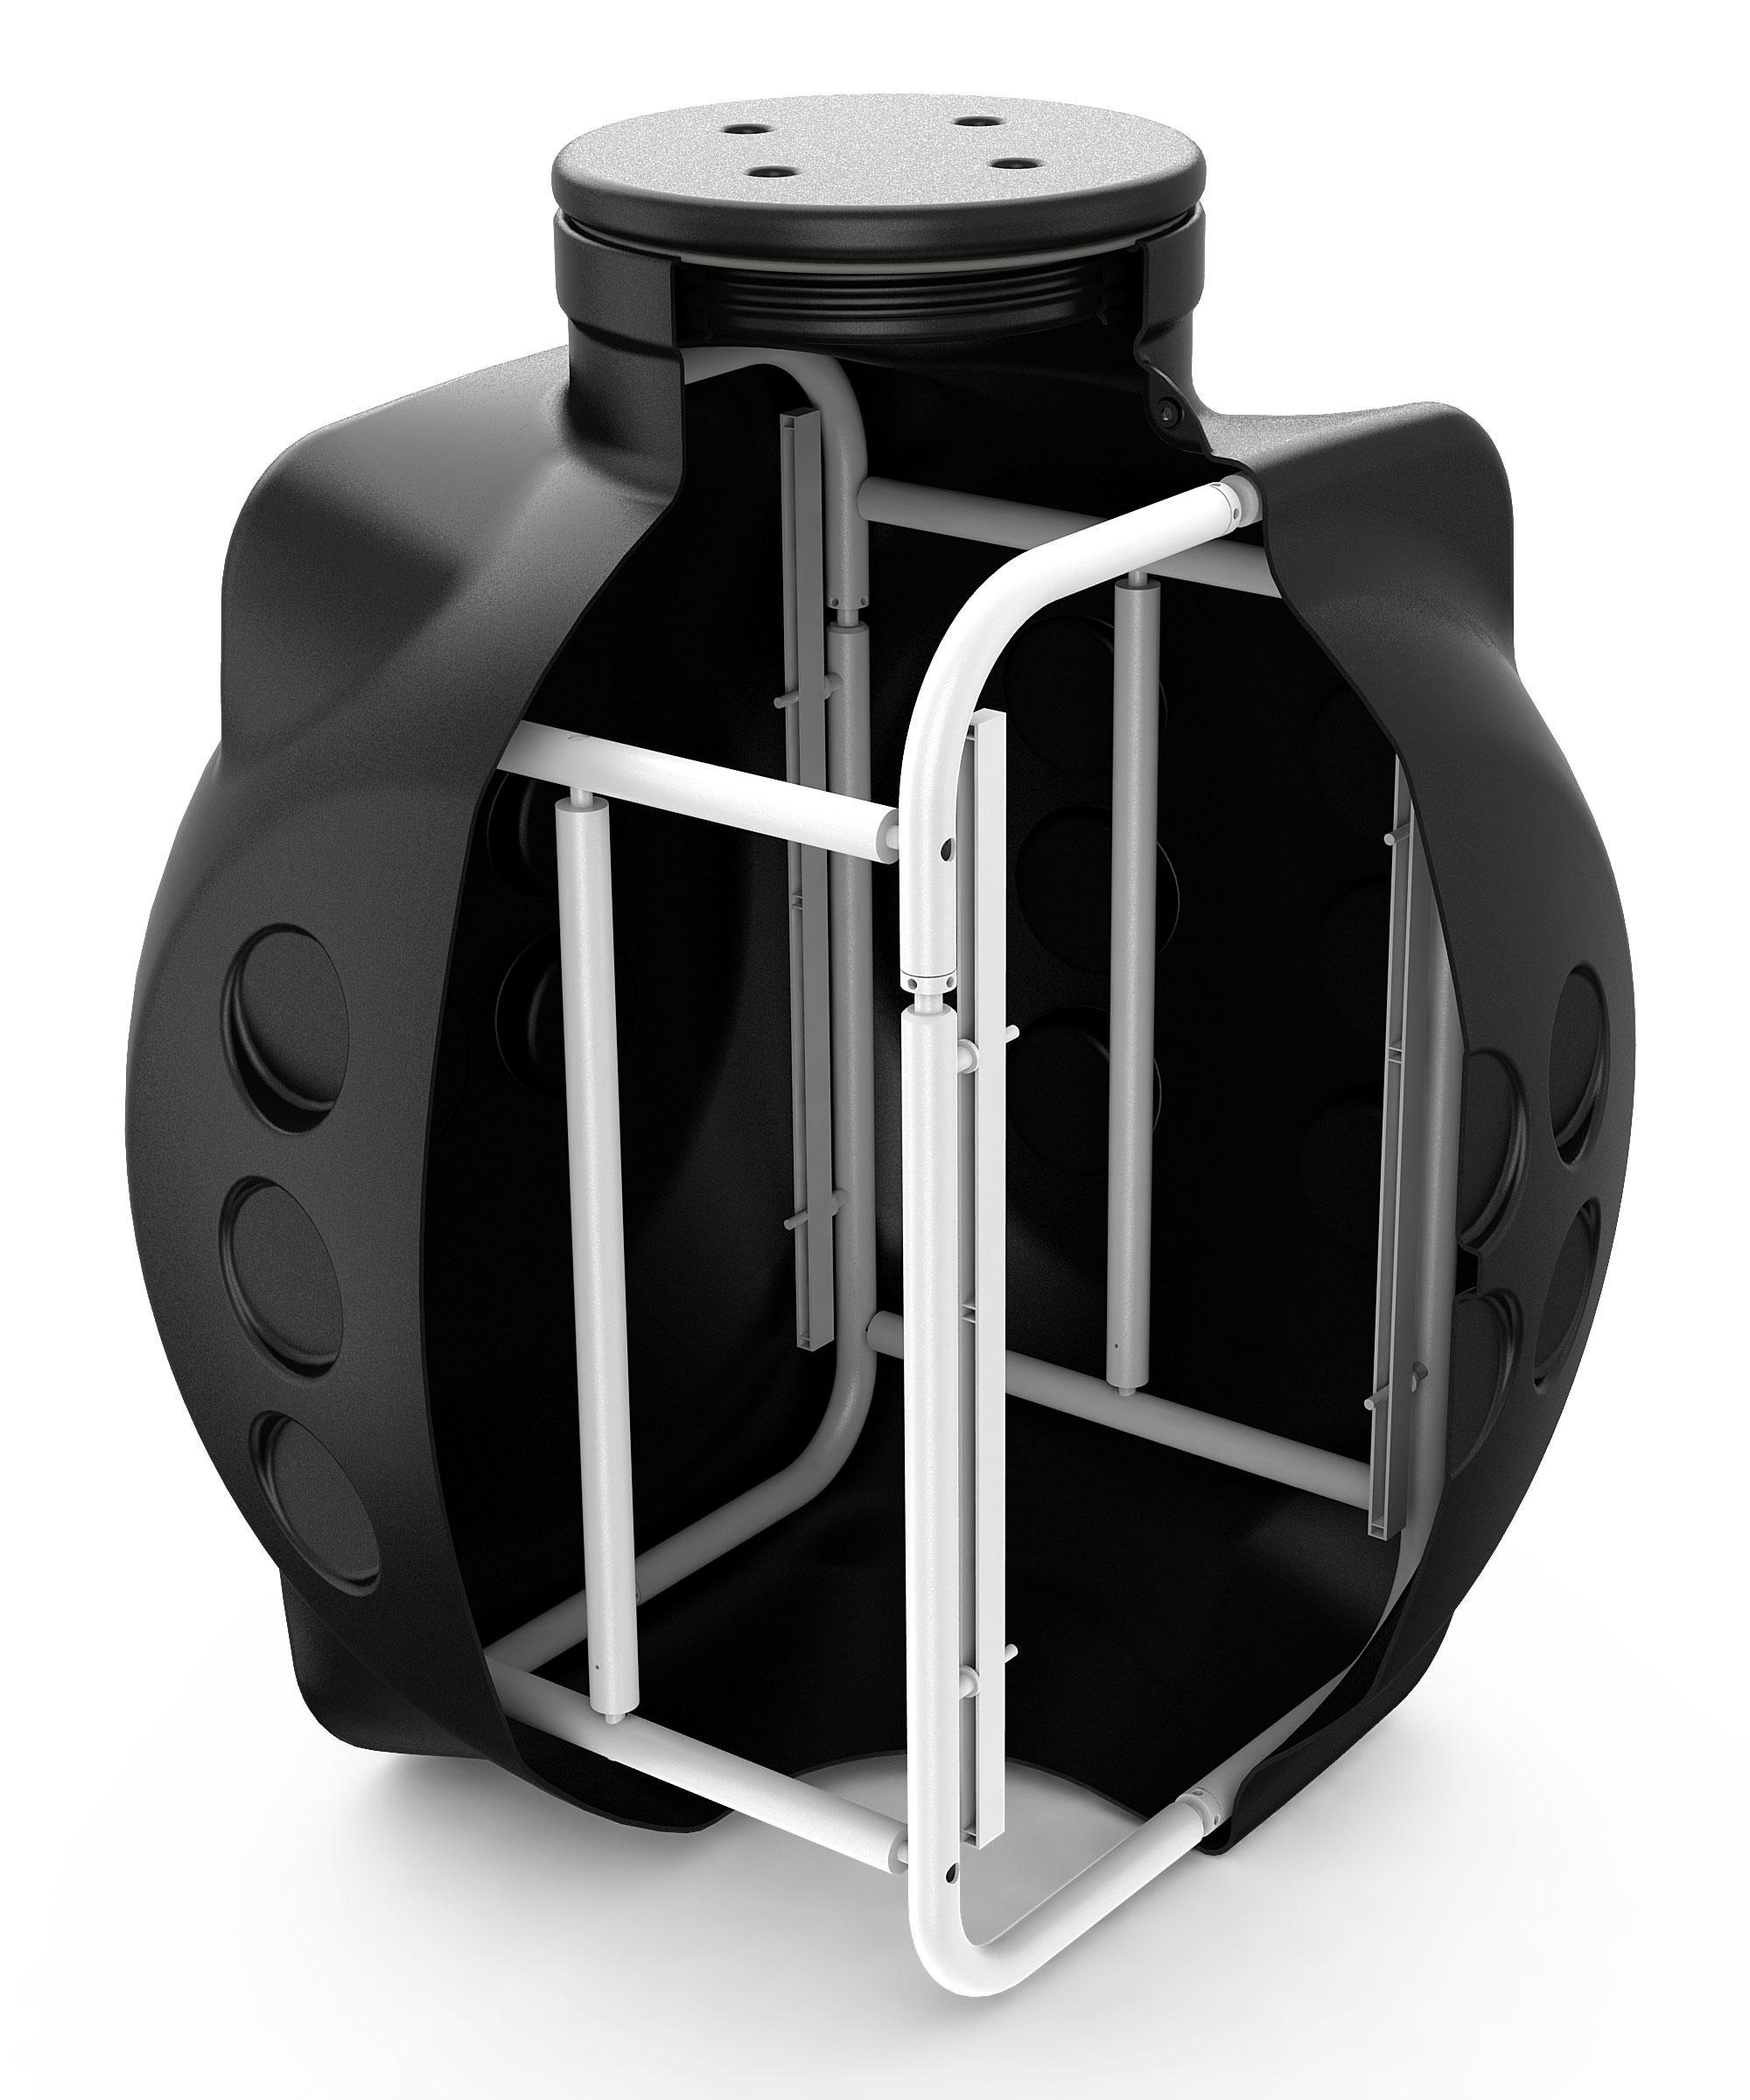 ККТ-2 (м/к) .Колодец пластиковый кабельной усиленный